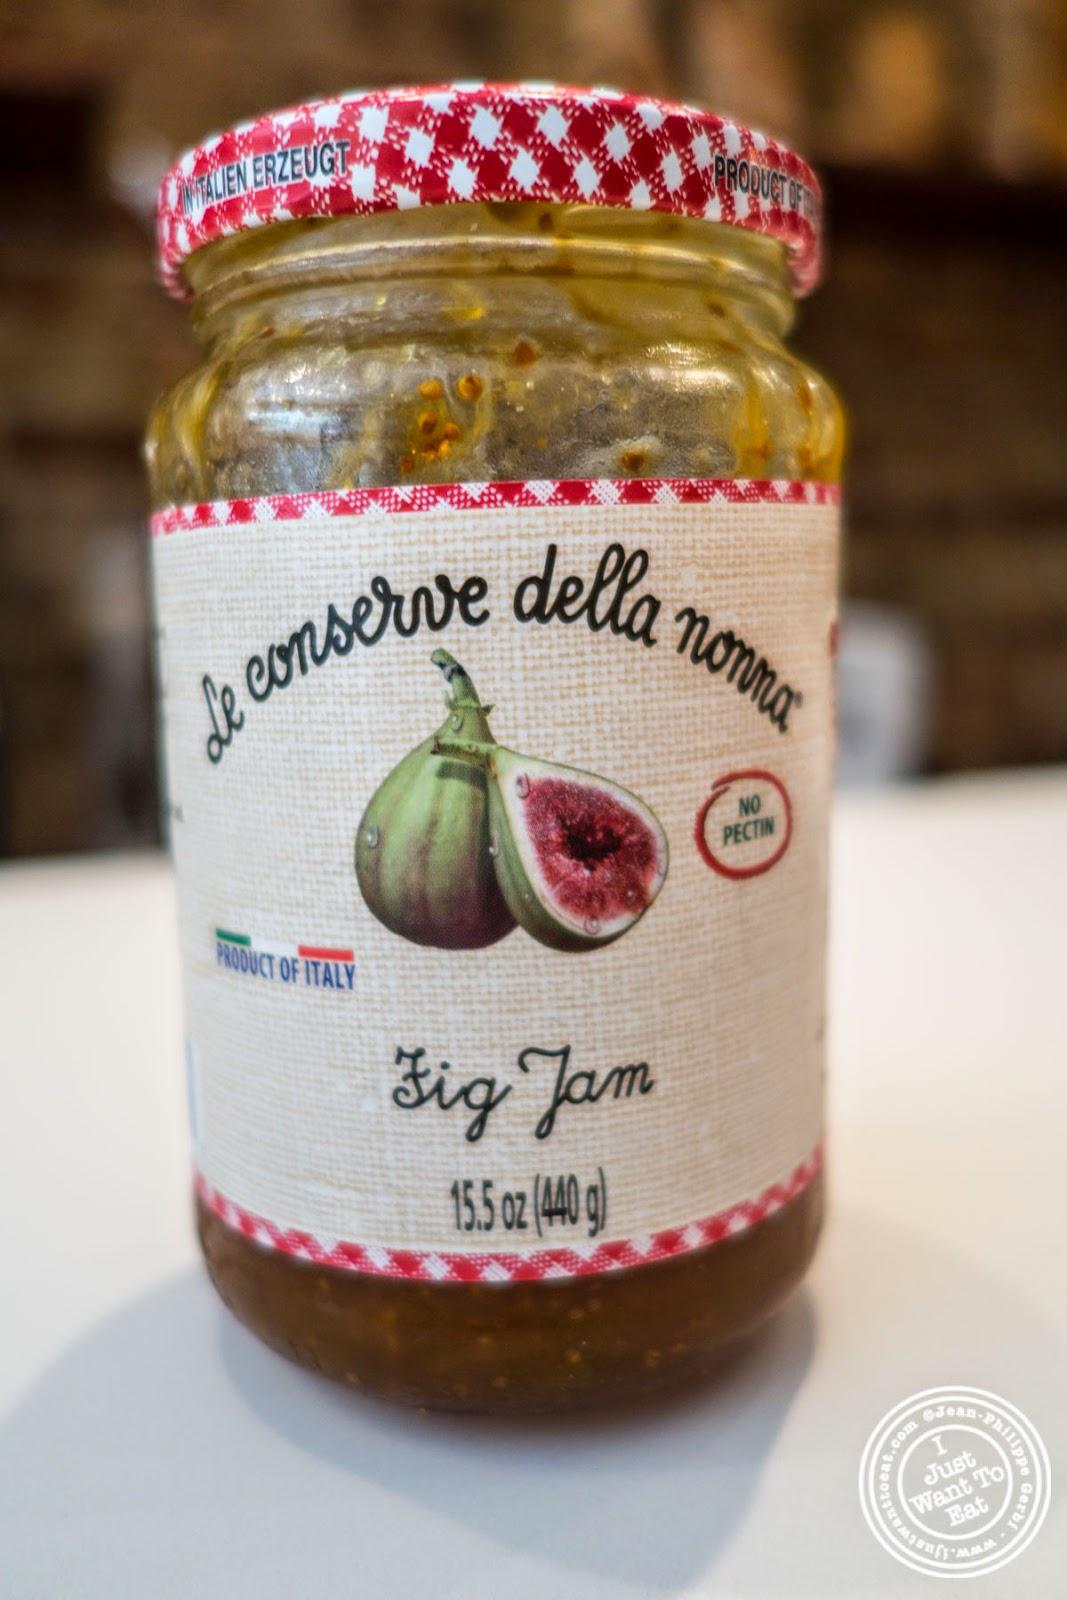 image of Italian fig jam at Verde Vita Toscana in Hoboken, NJ